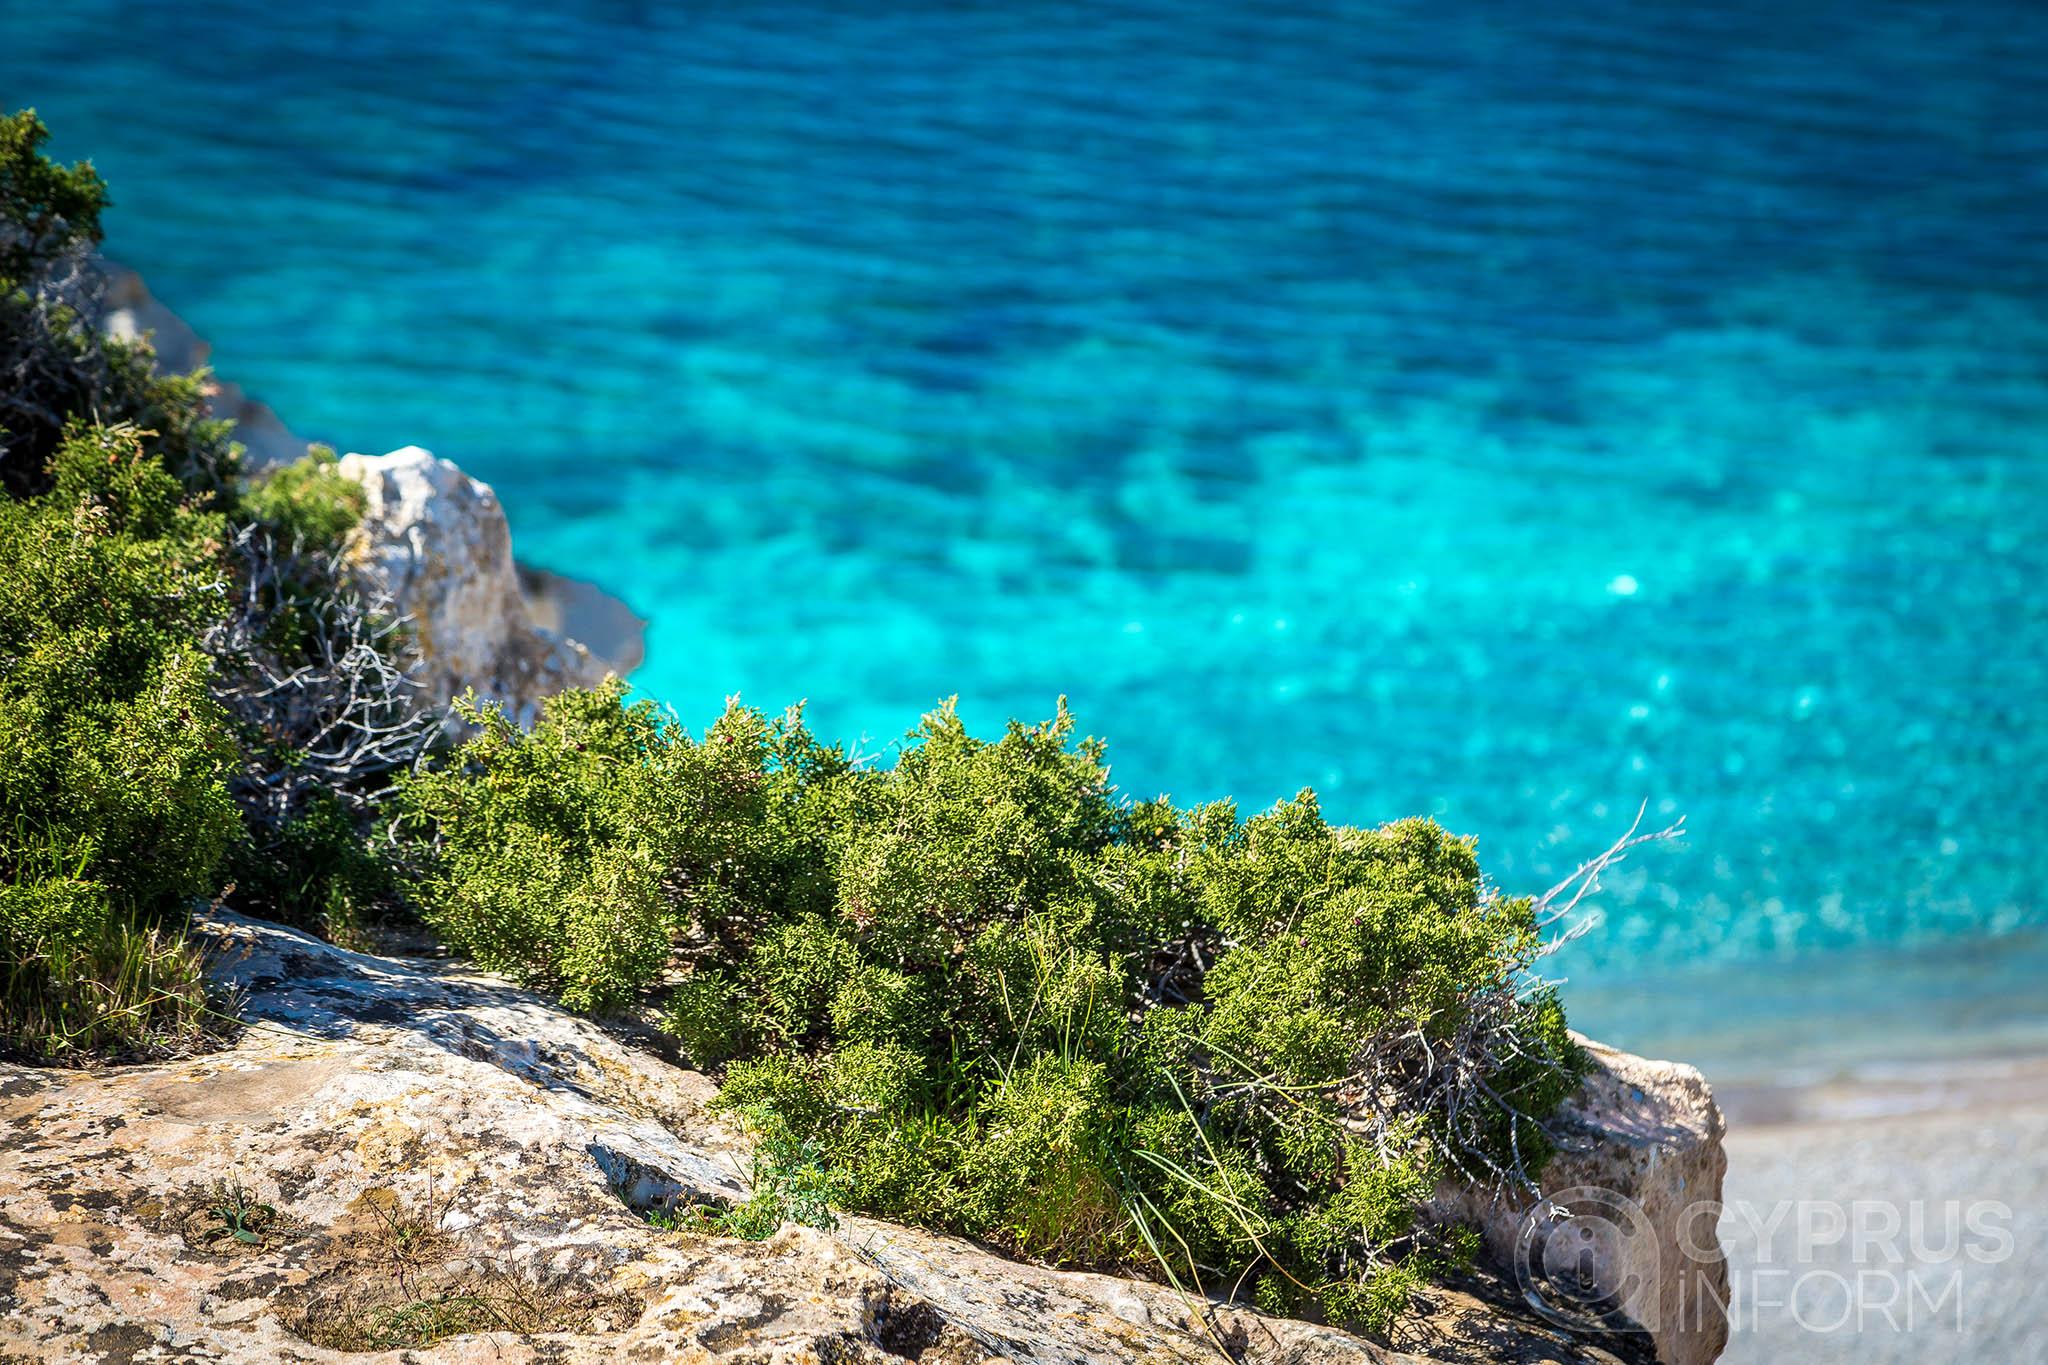 среда национальный лесной парк каво греко фото сайте можете бесплатно